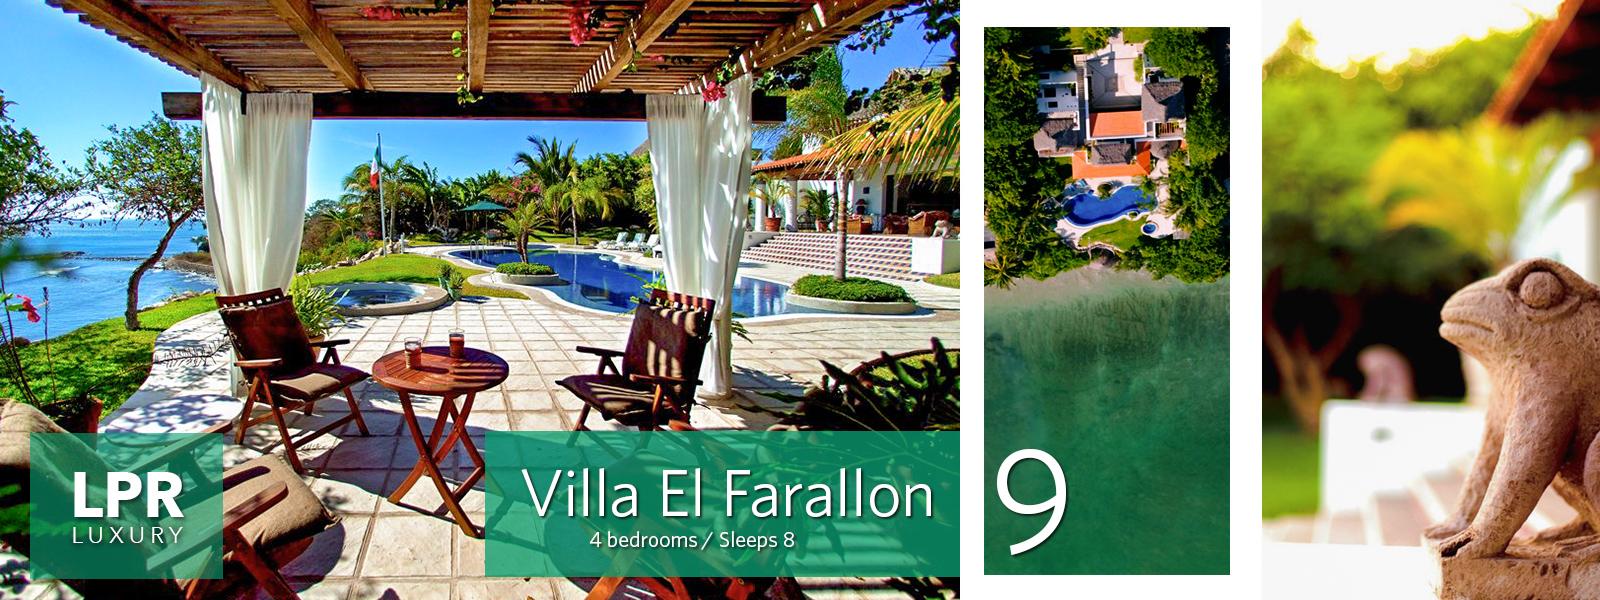 Villa El Farallon 9 - Luxury Punta de Mita Vacation Rentals Villa Real Estate for Sale in Mexico